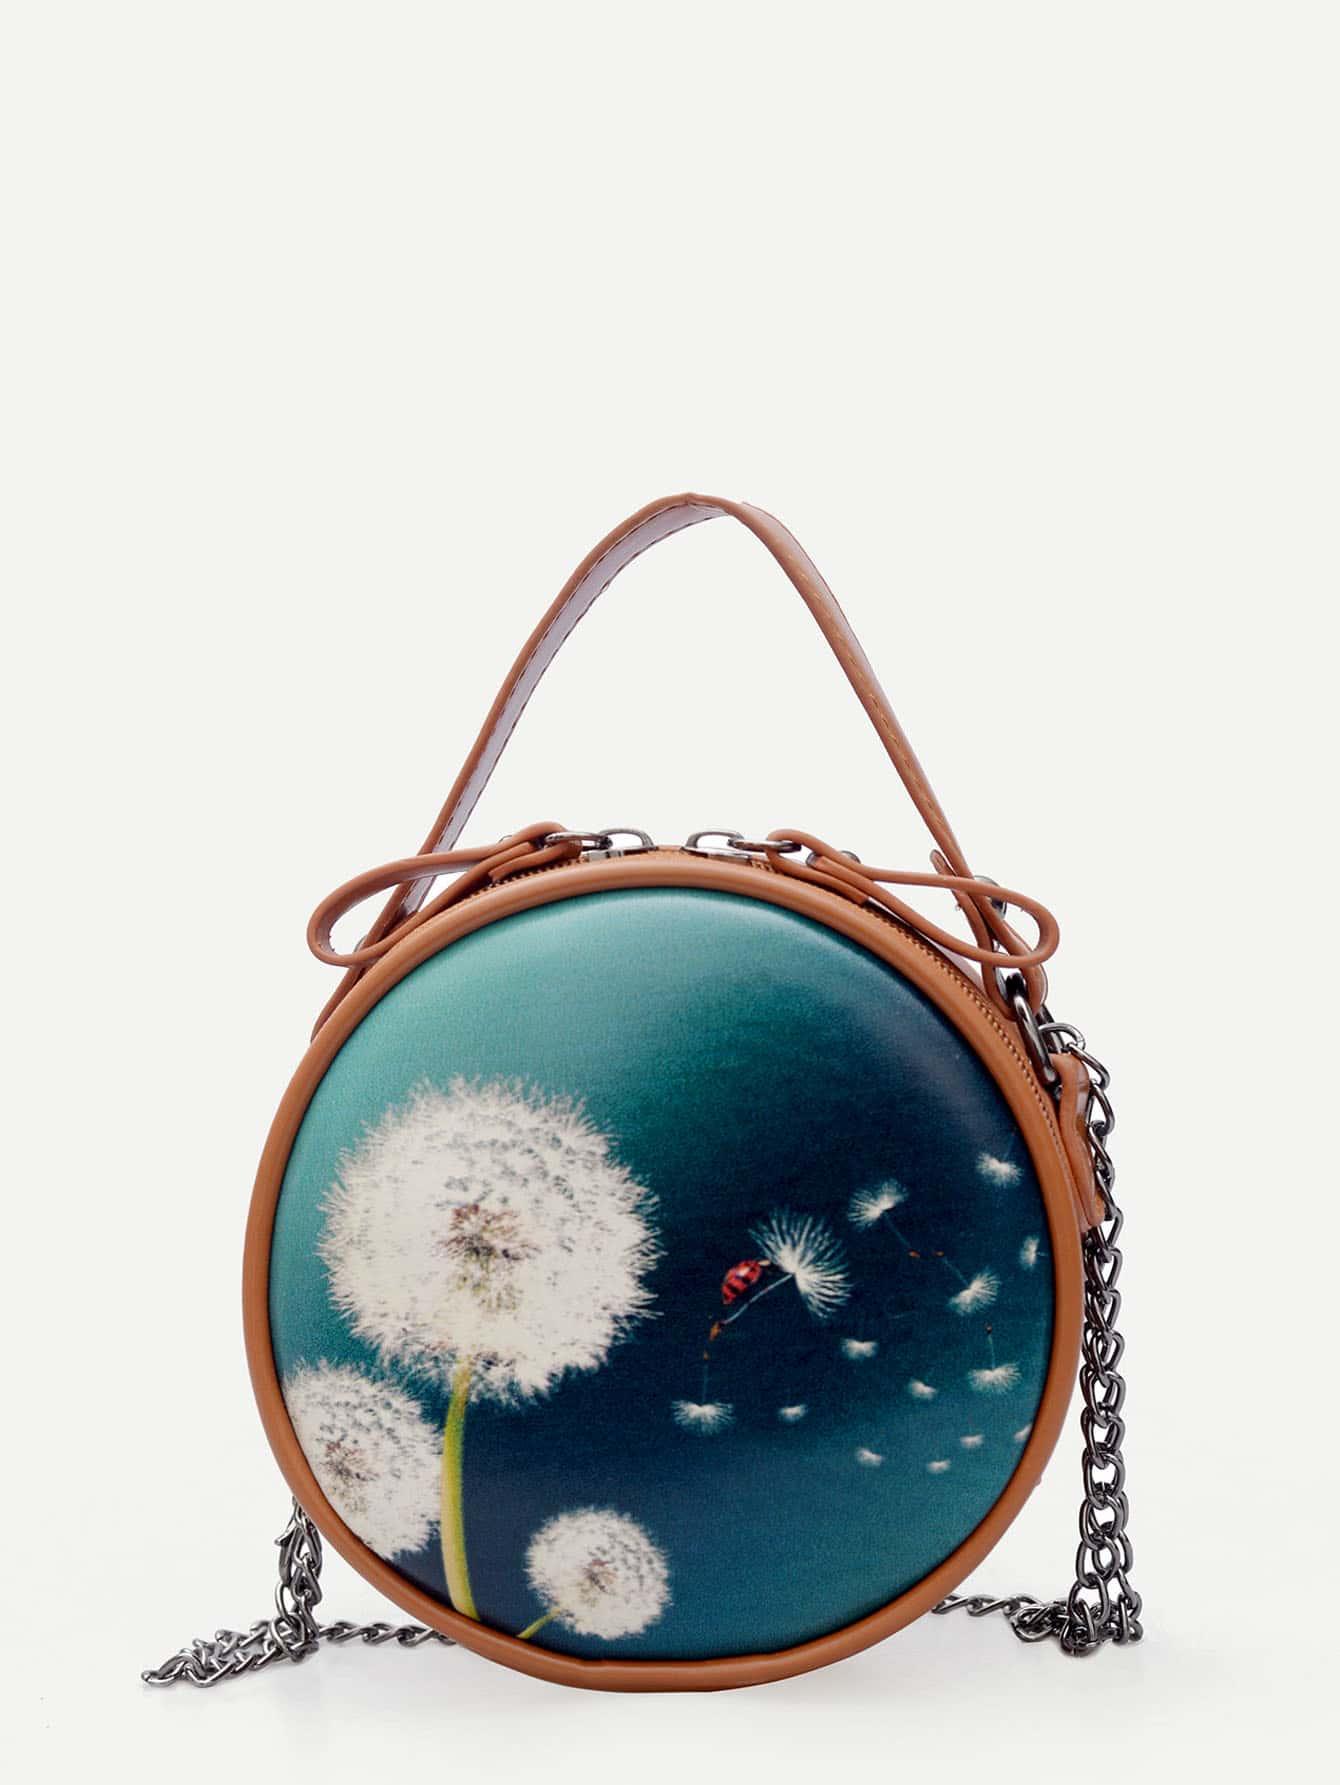 Dandelion Print Zip Around Chain Bag бумажник mulberry rl3557 874 tree zip around rl3557